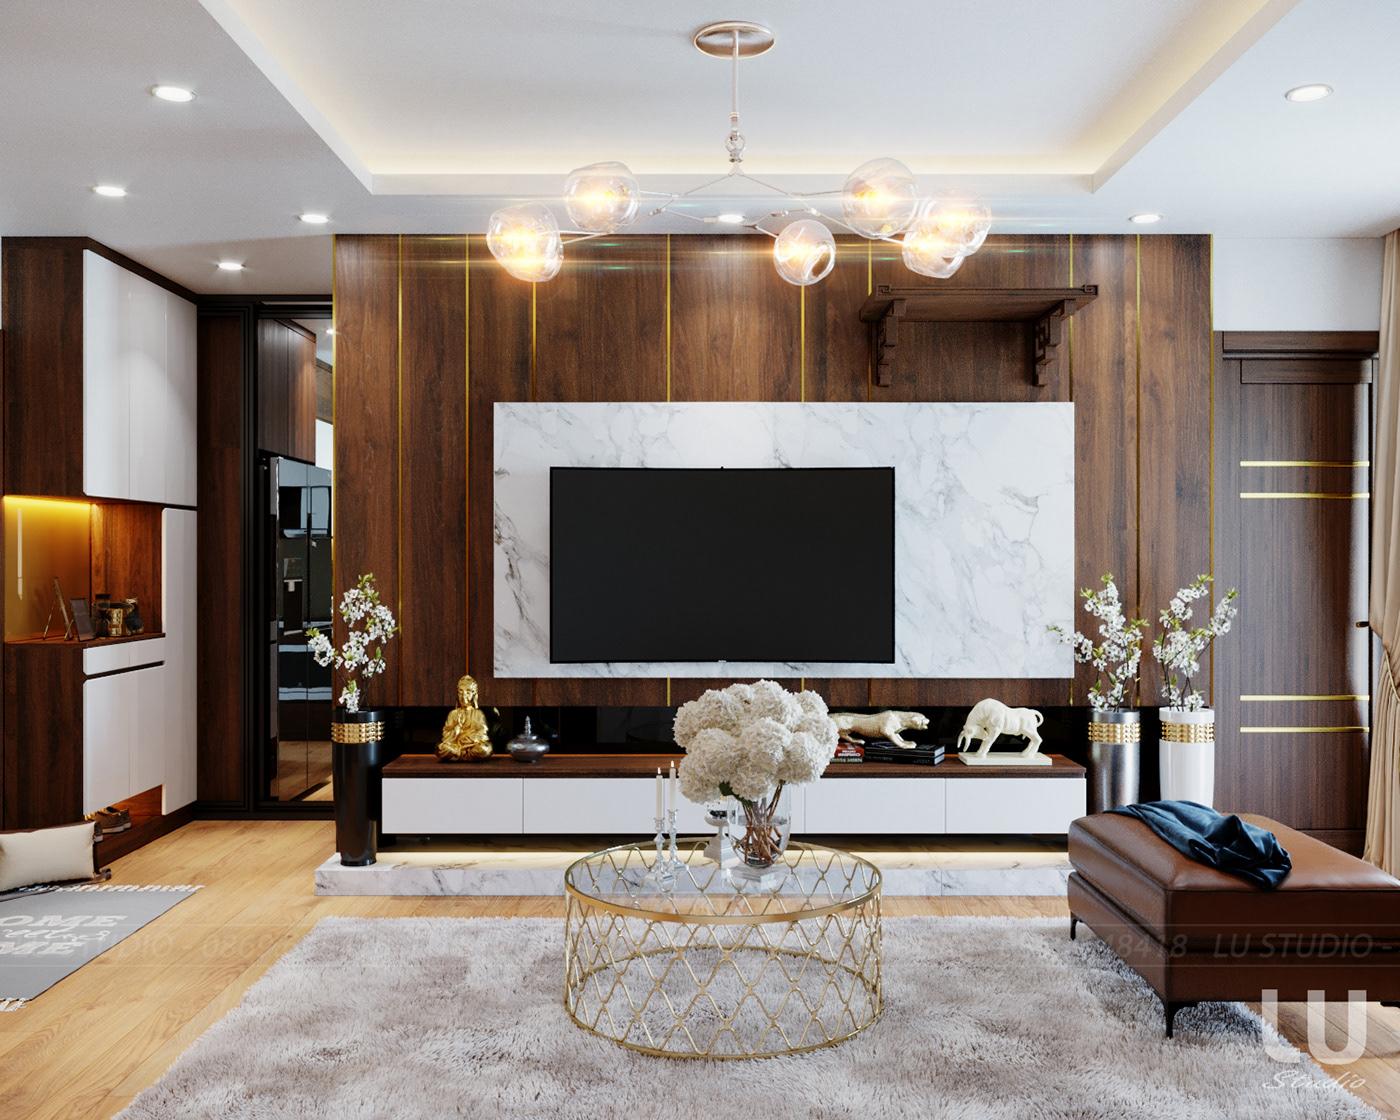 thiết kế nội thất chung cư tại Hà Nội Chung cư Season Avennue Thanh Xuân, Hà Nội 1 1533263518